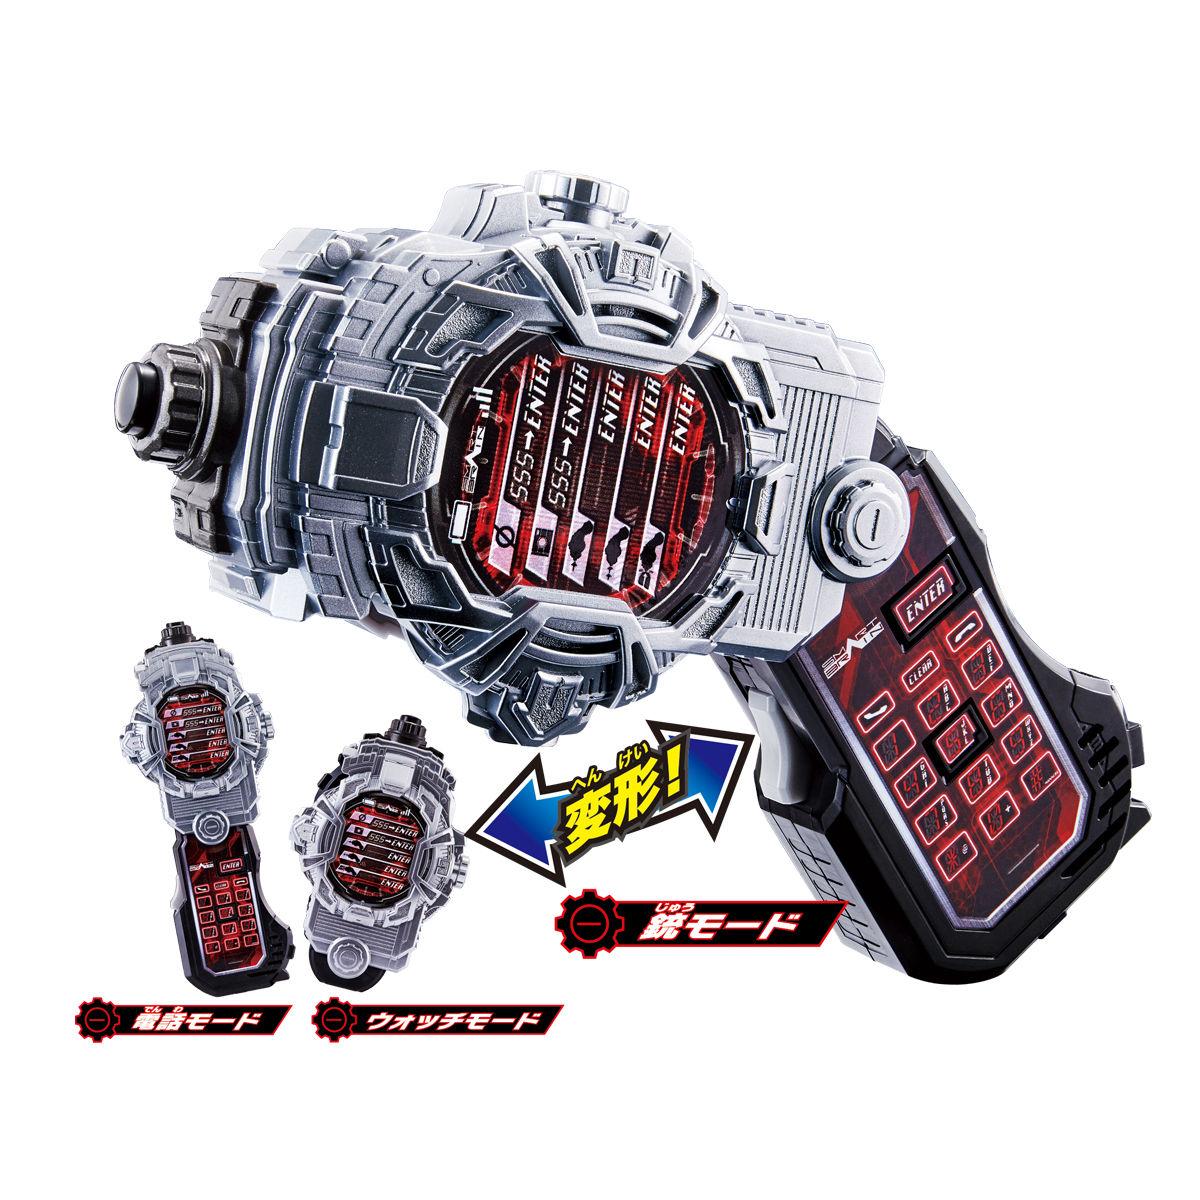 ライドガジェットシリーズ『DXファイズフォンX(テン)』仮面ライダージオウ  変身なりきり-005